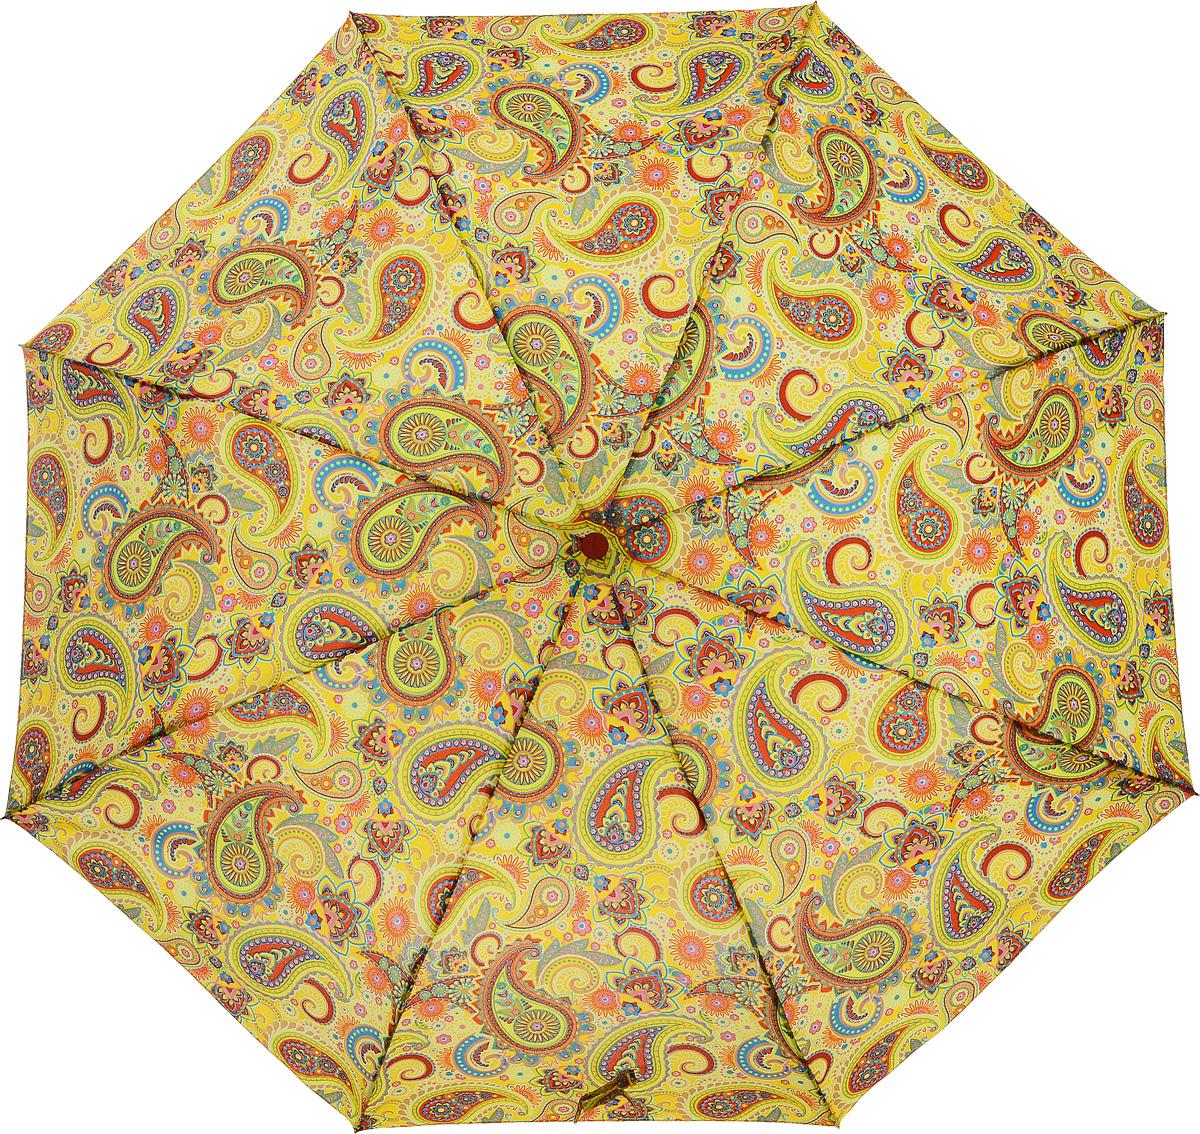 Зонт женский Airton, механический, 3 сложения, цвет: желтый, оранжевый. 3515-1243515-124Классический женский зонт в 3 сложения с механической системой открытия и закрытия. Удобная ручка выполнена из пластика. Модель зонта выполнена в стандартном размере, оснащена системой Антиветер. Этот стильный аксессуар поместится практически в любую женскую сумочку благодаря своим небольшим размерам. Вес зонта- 300 гр.